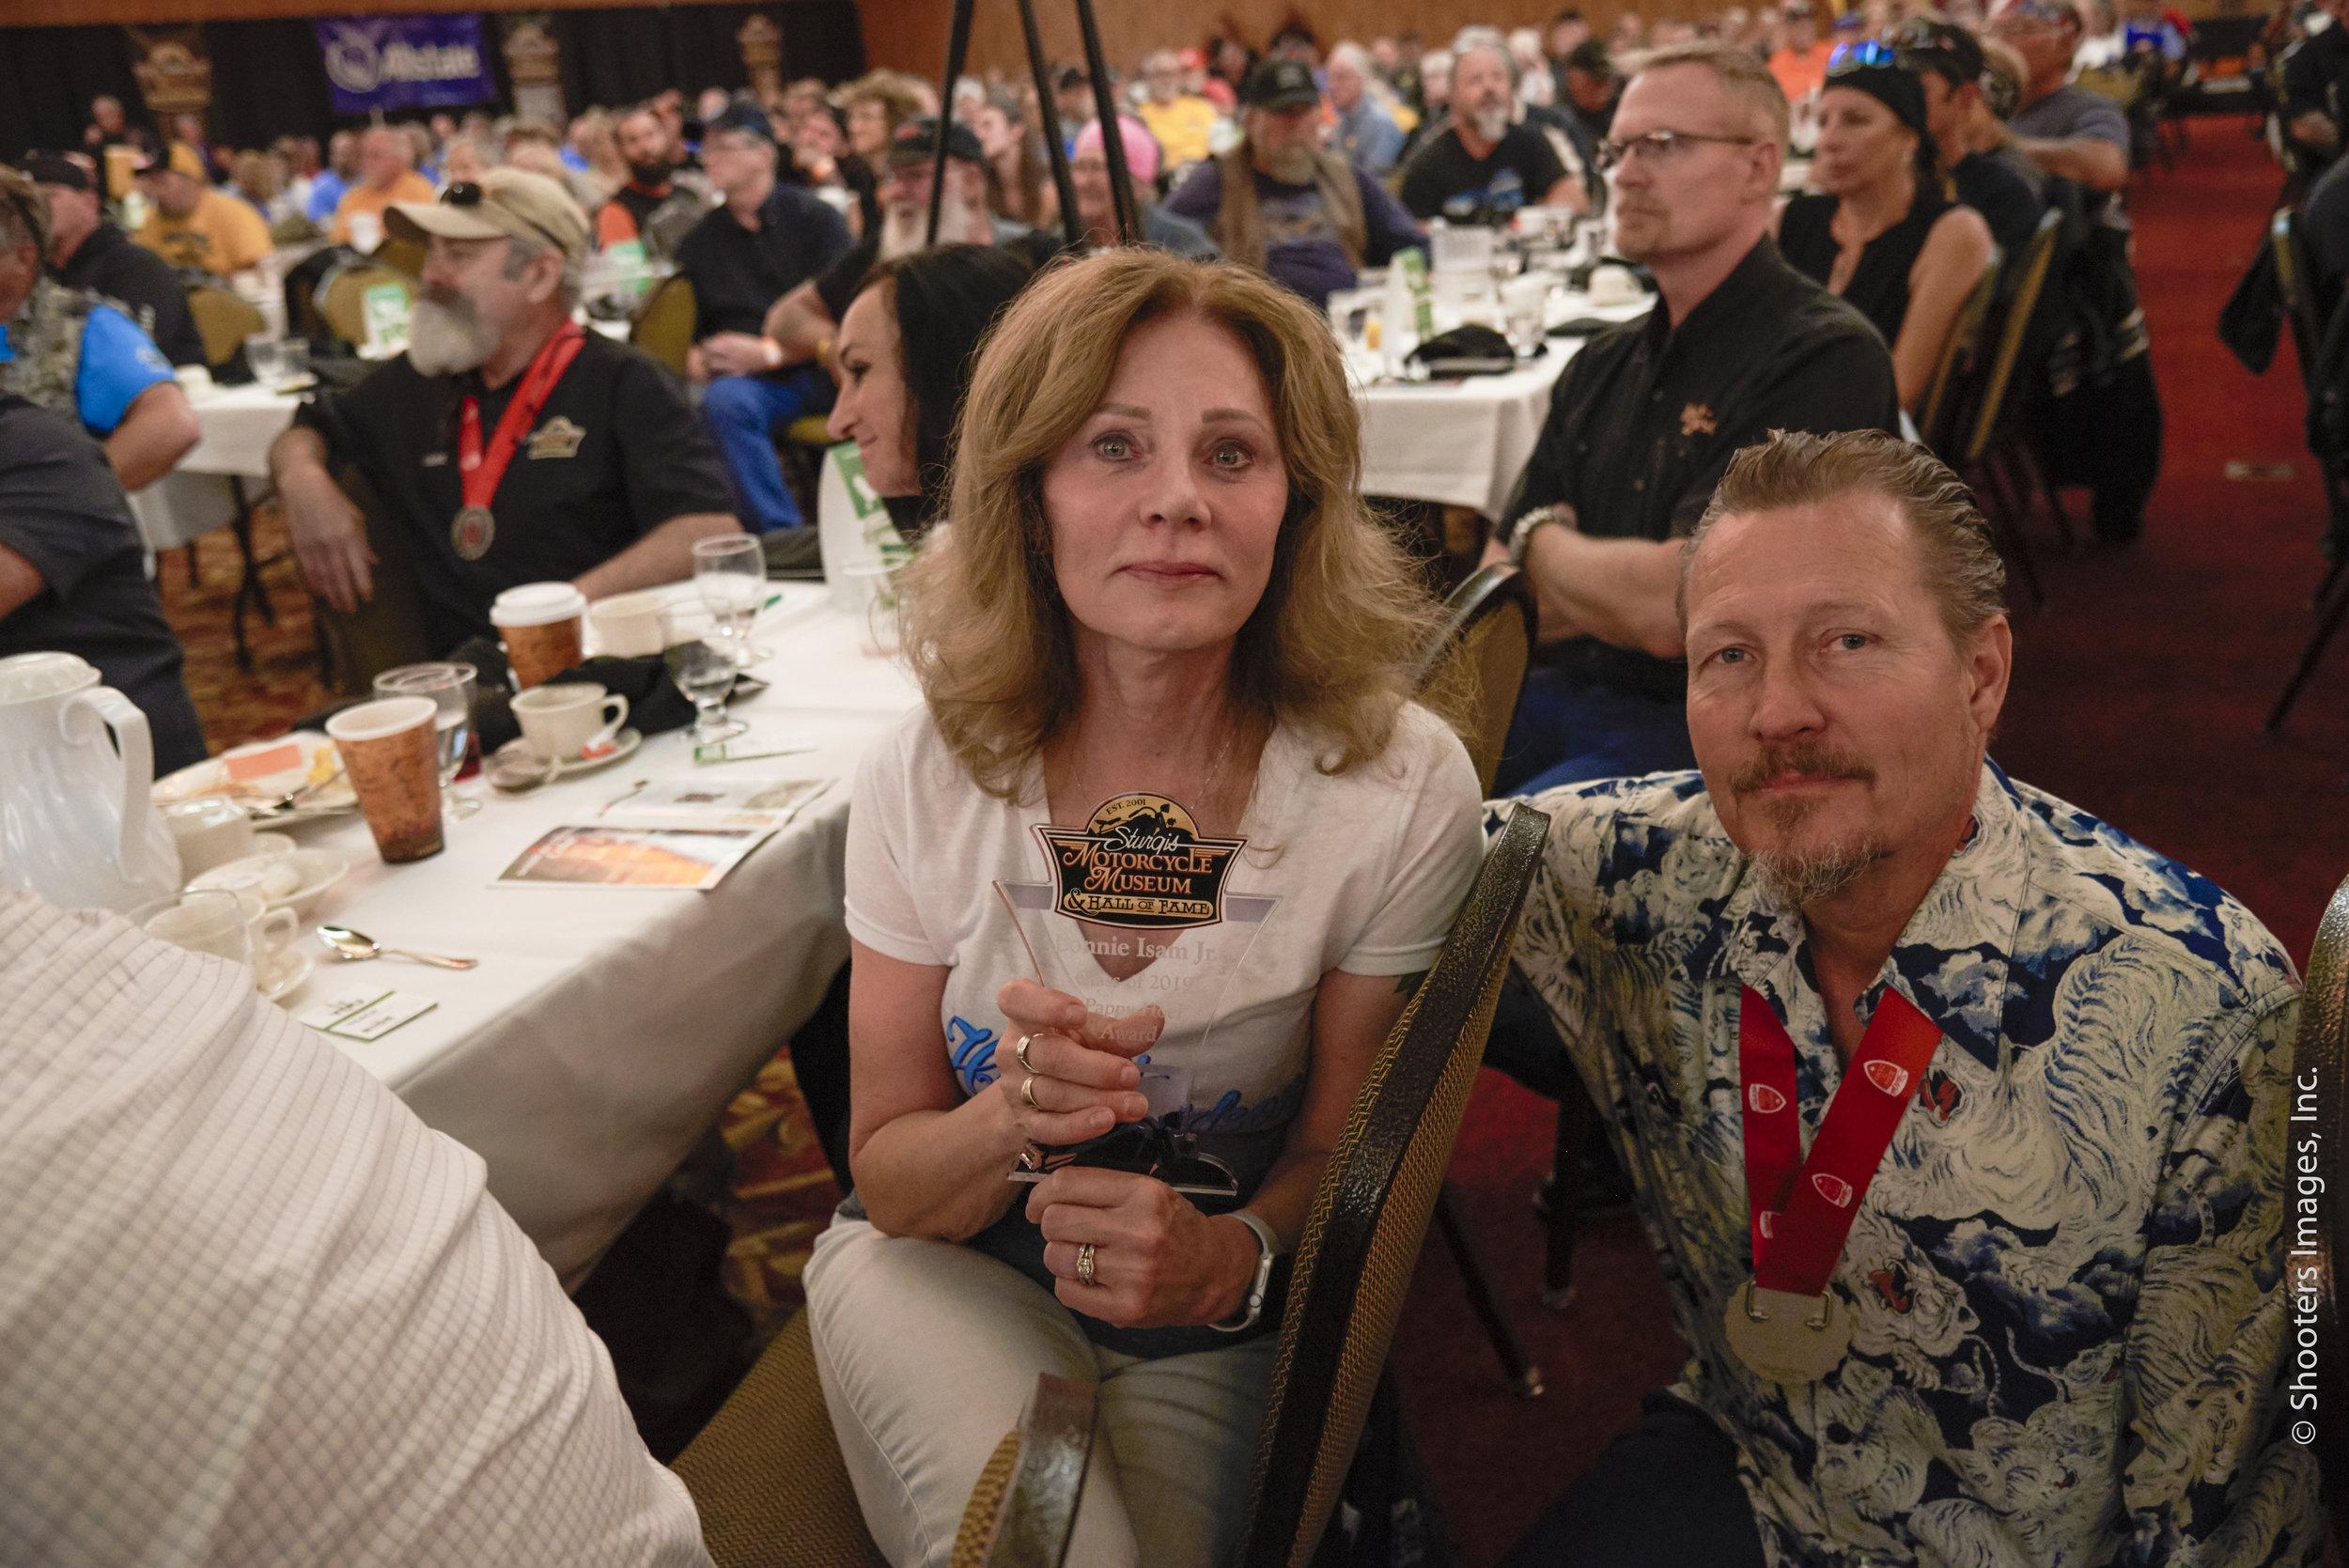 Mary Ann Isam & Jeff Decker